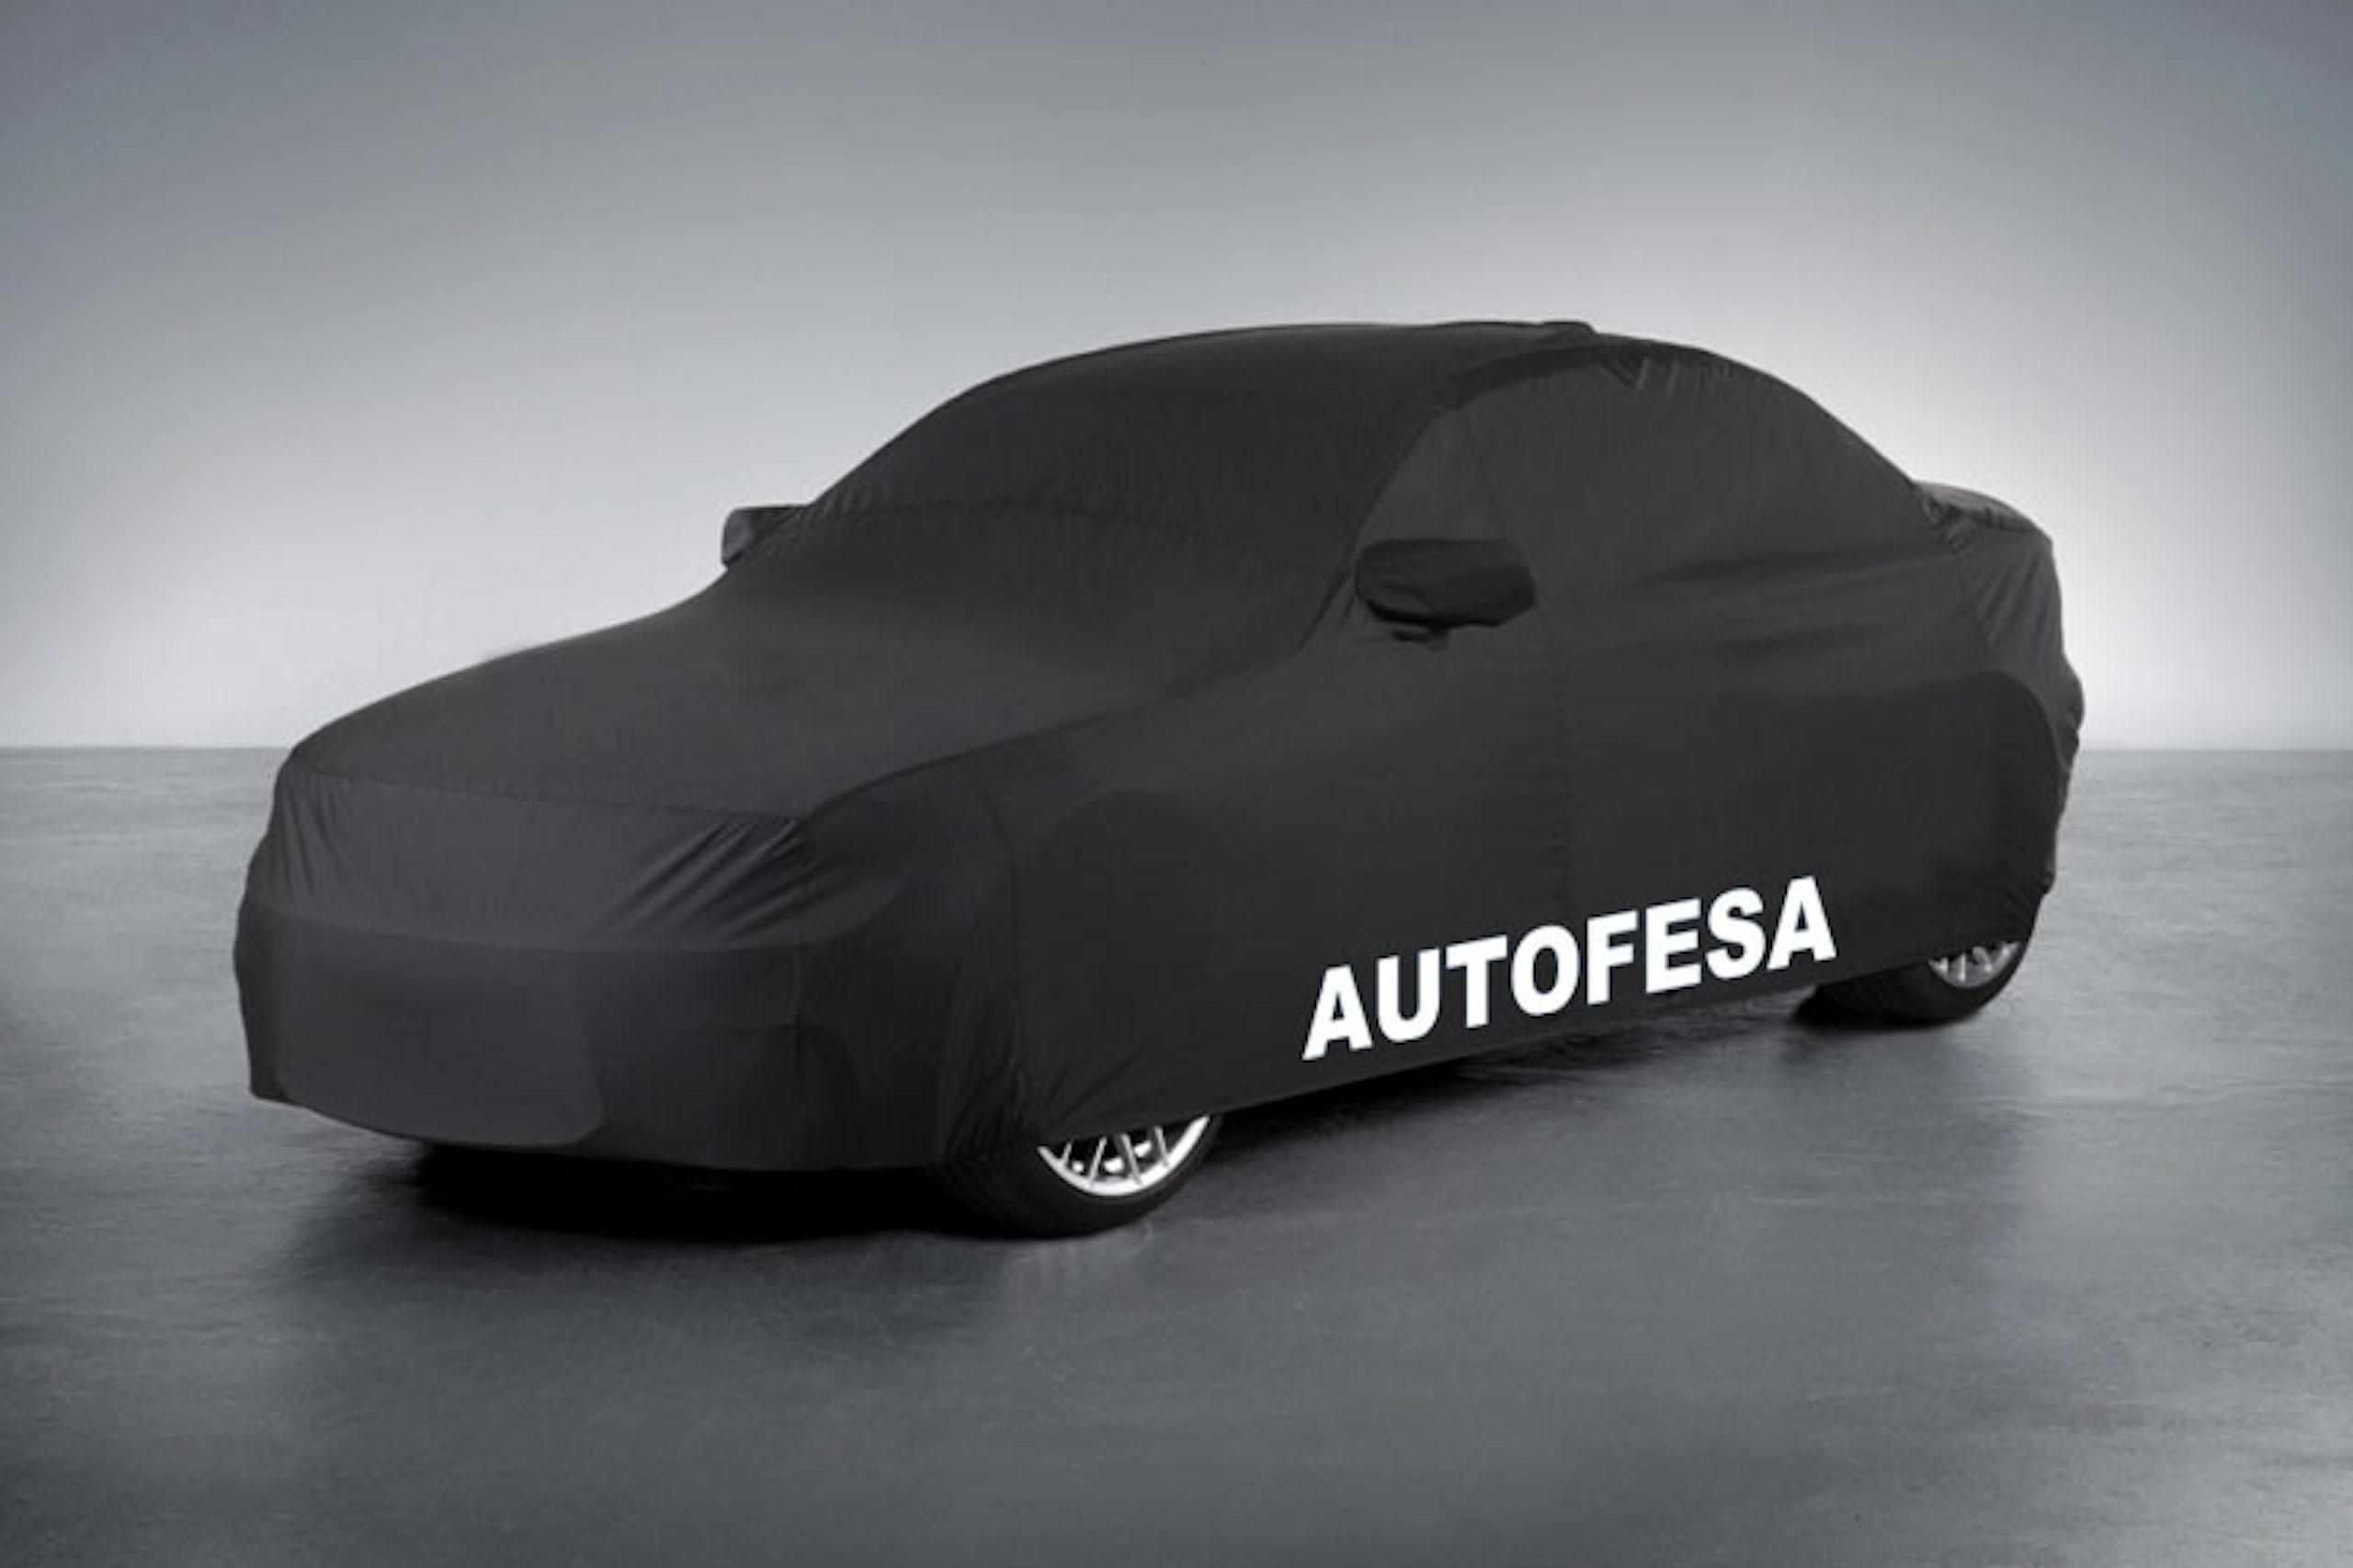 Audi Tts S Coupé 2.0 TFSI 245cv quattro S Line 3p S tronic Auto S/S - Foto 22